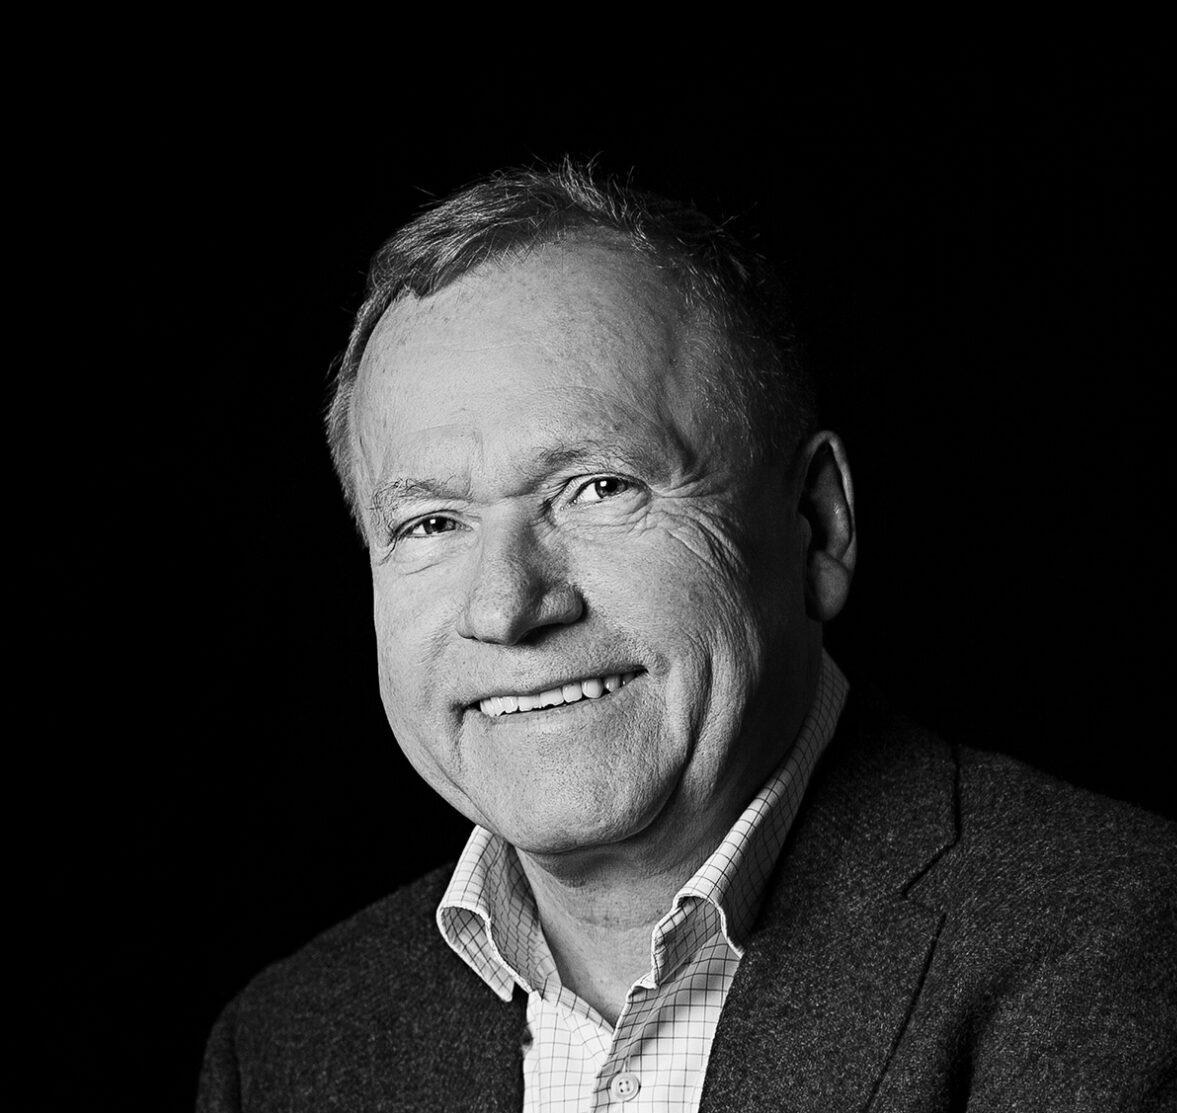 Peter Højgaard Pedersen